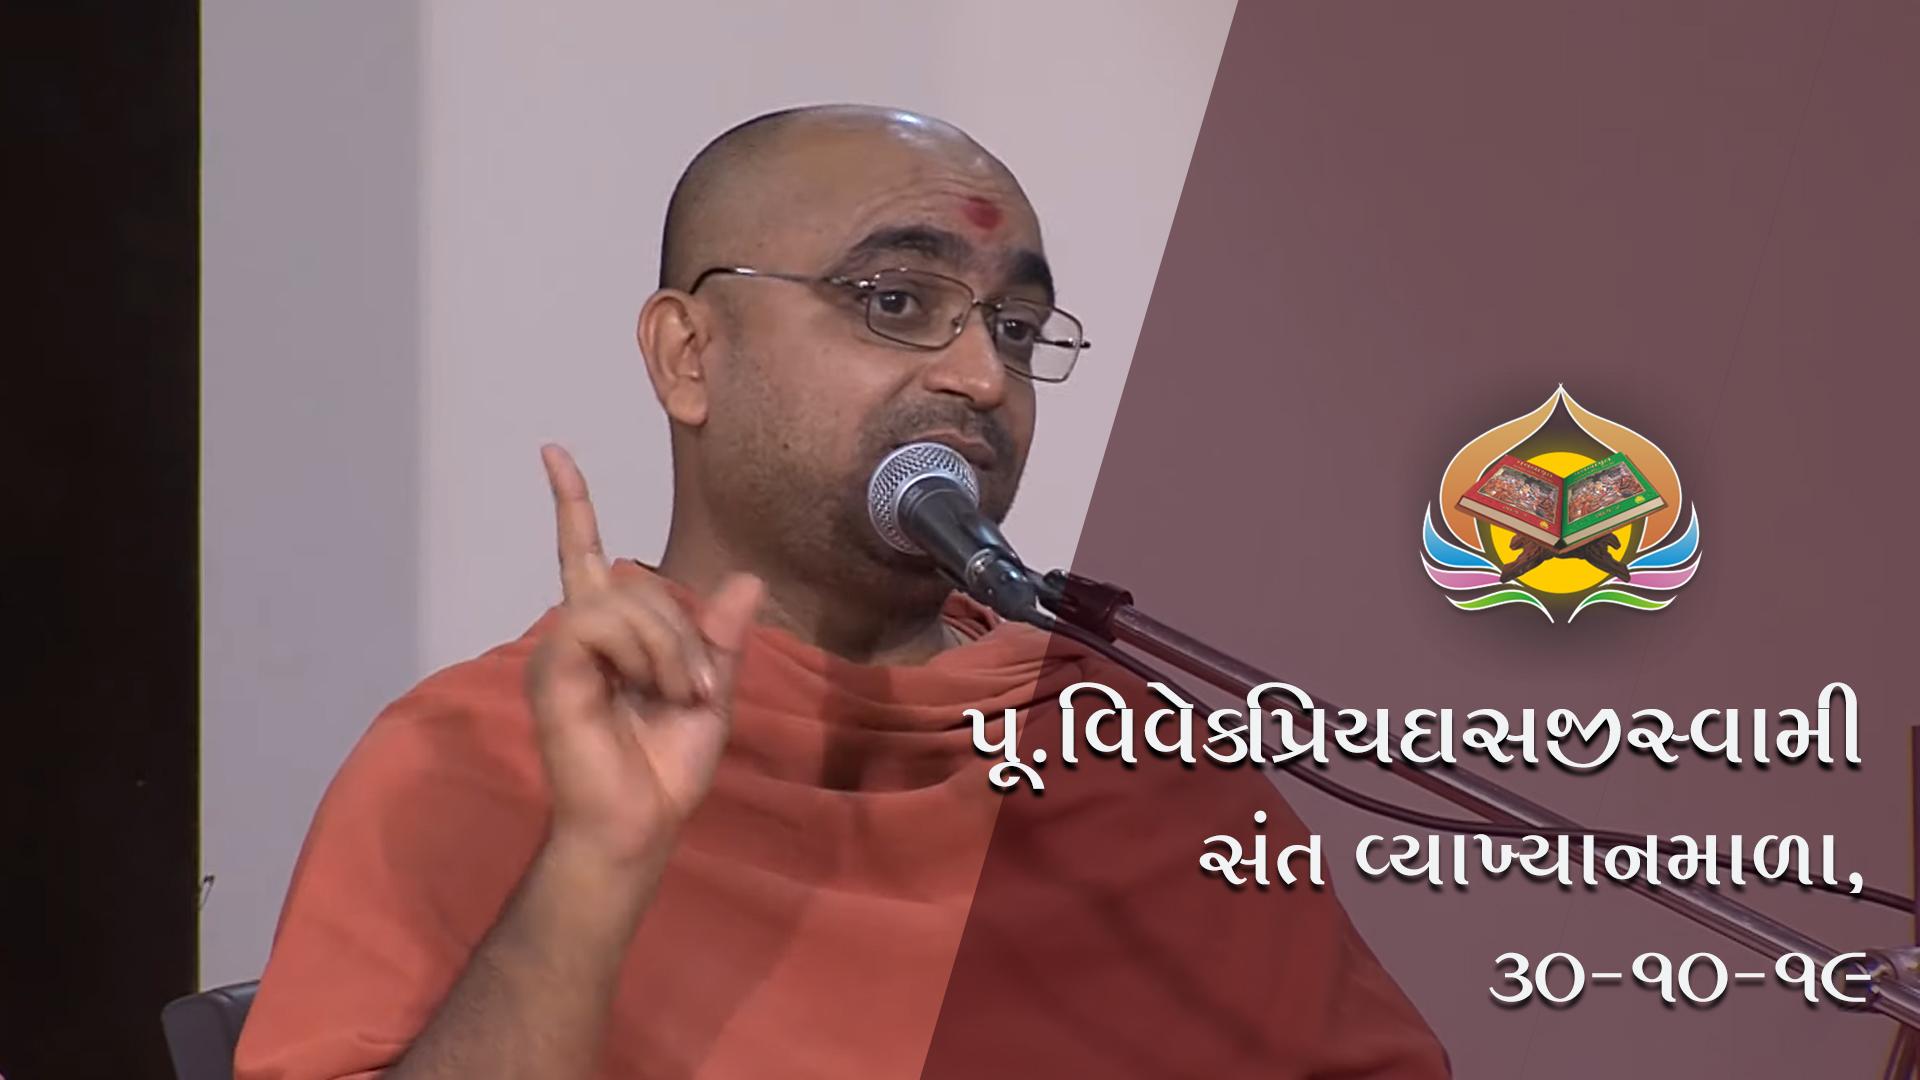 P.Vivekpriyadasjiswami | Sant Vyakhyan Mala | Vachanamrut Dwishatabdi Mahotsav & Gyansatra 13